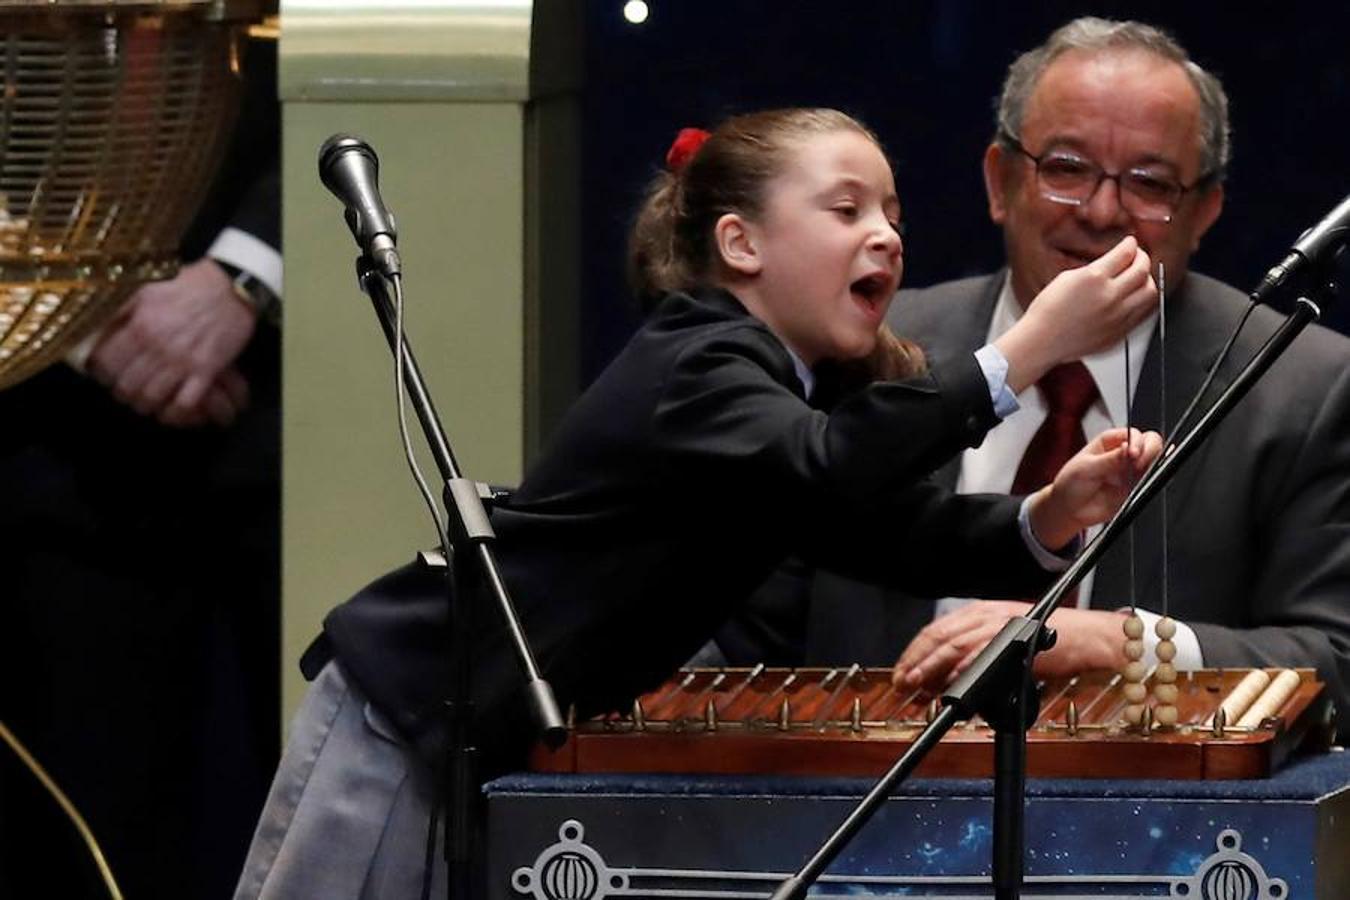 La niña Aya, vitoreada por el público al cantar los premios